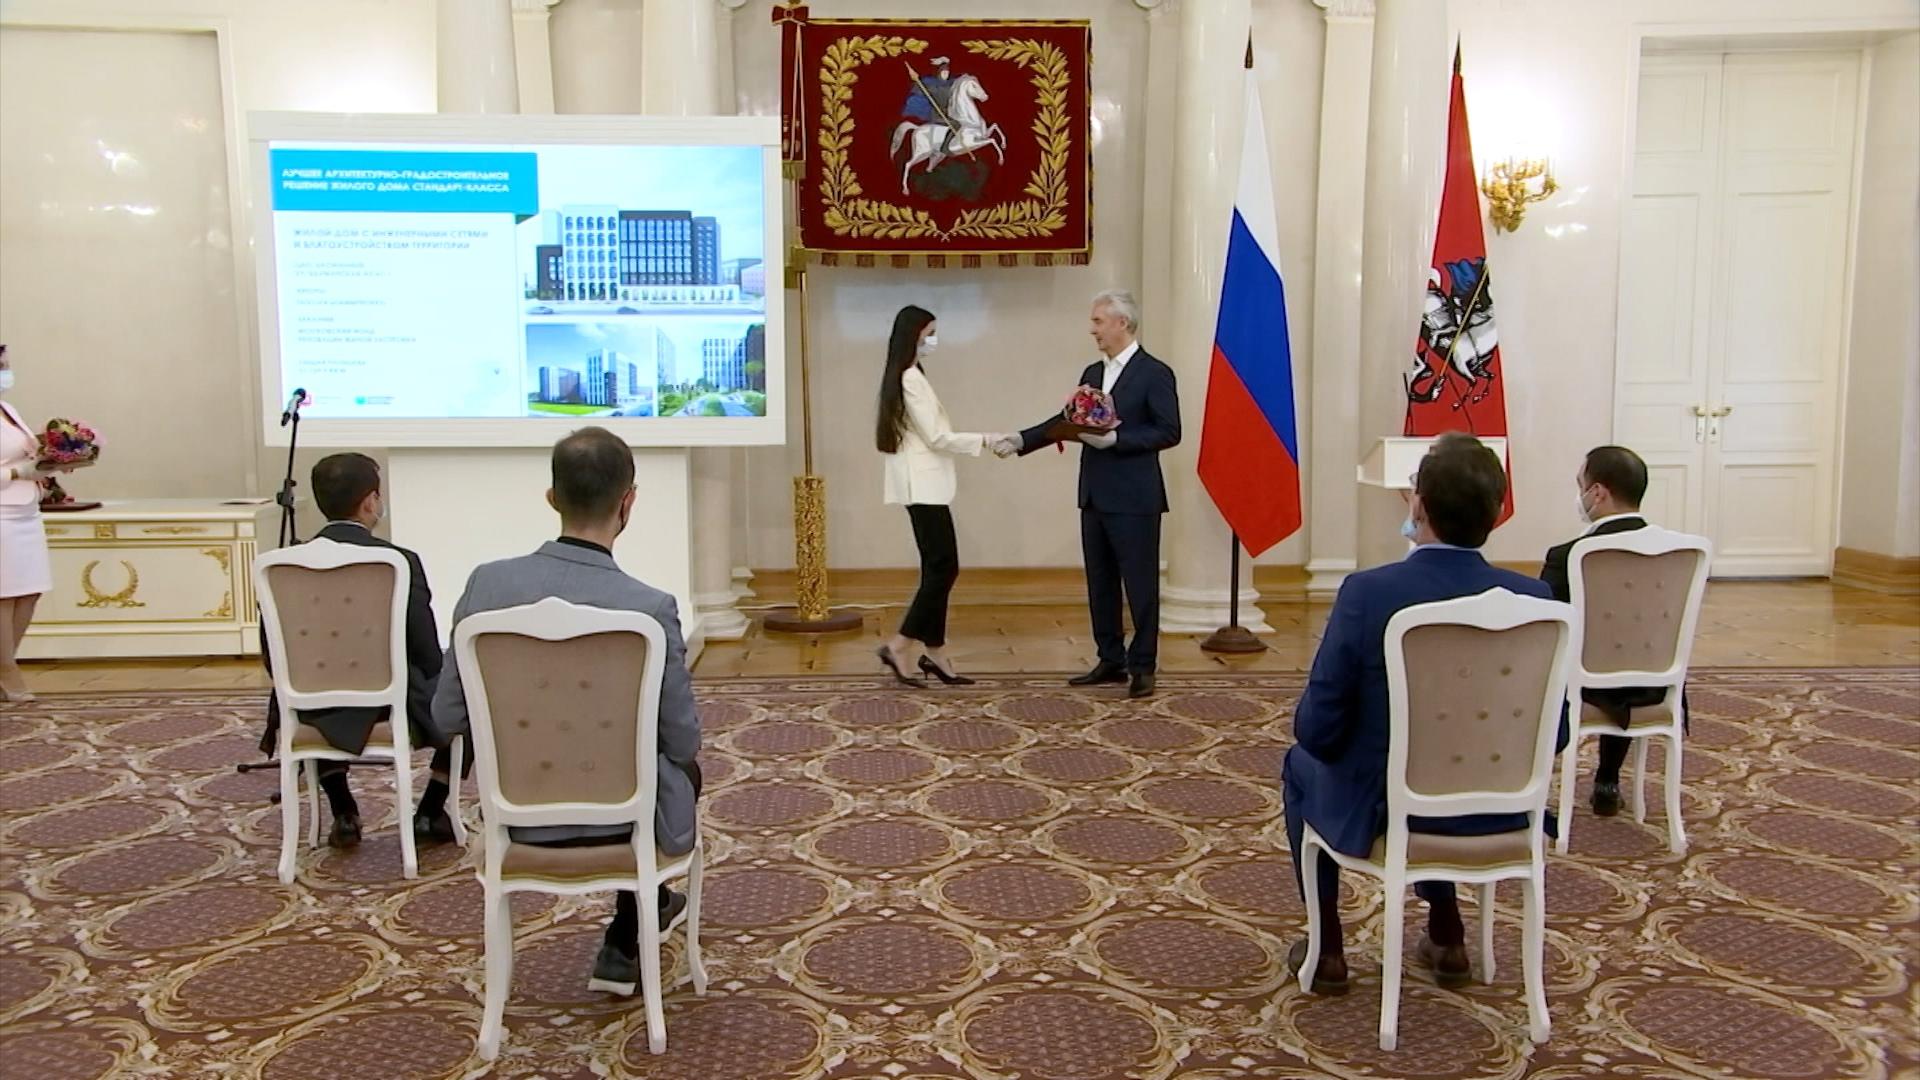 Сергей Собянин во время вручения премий архитекторам